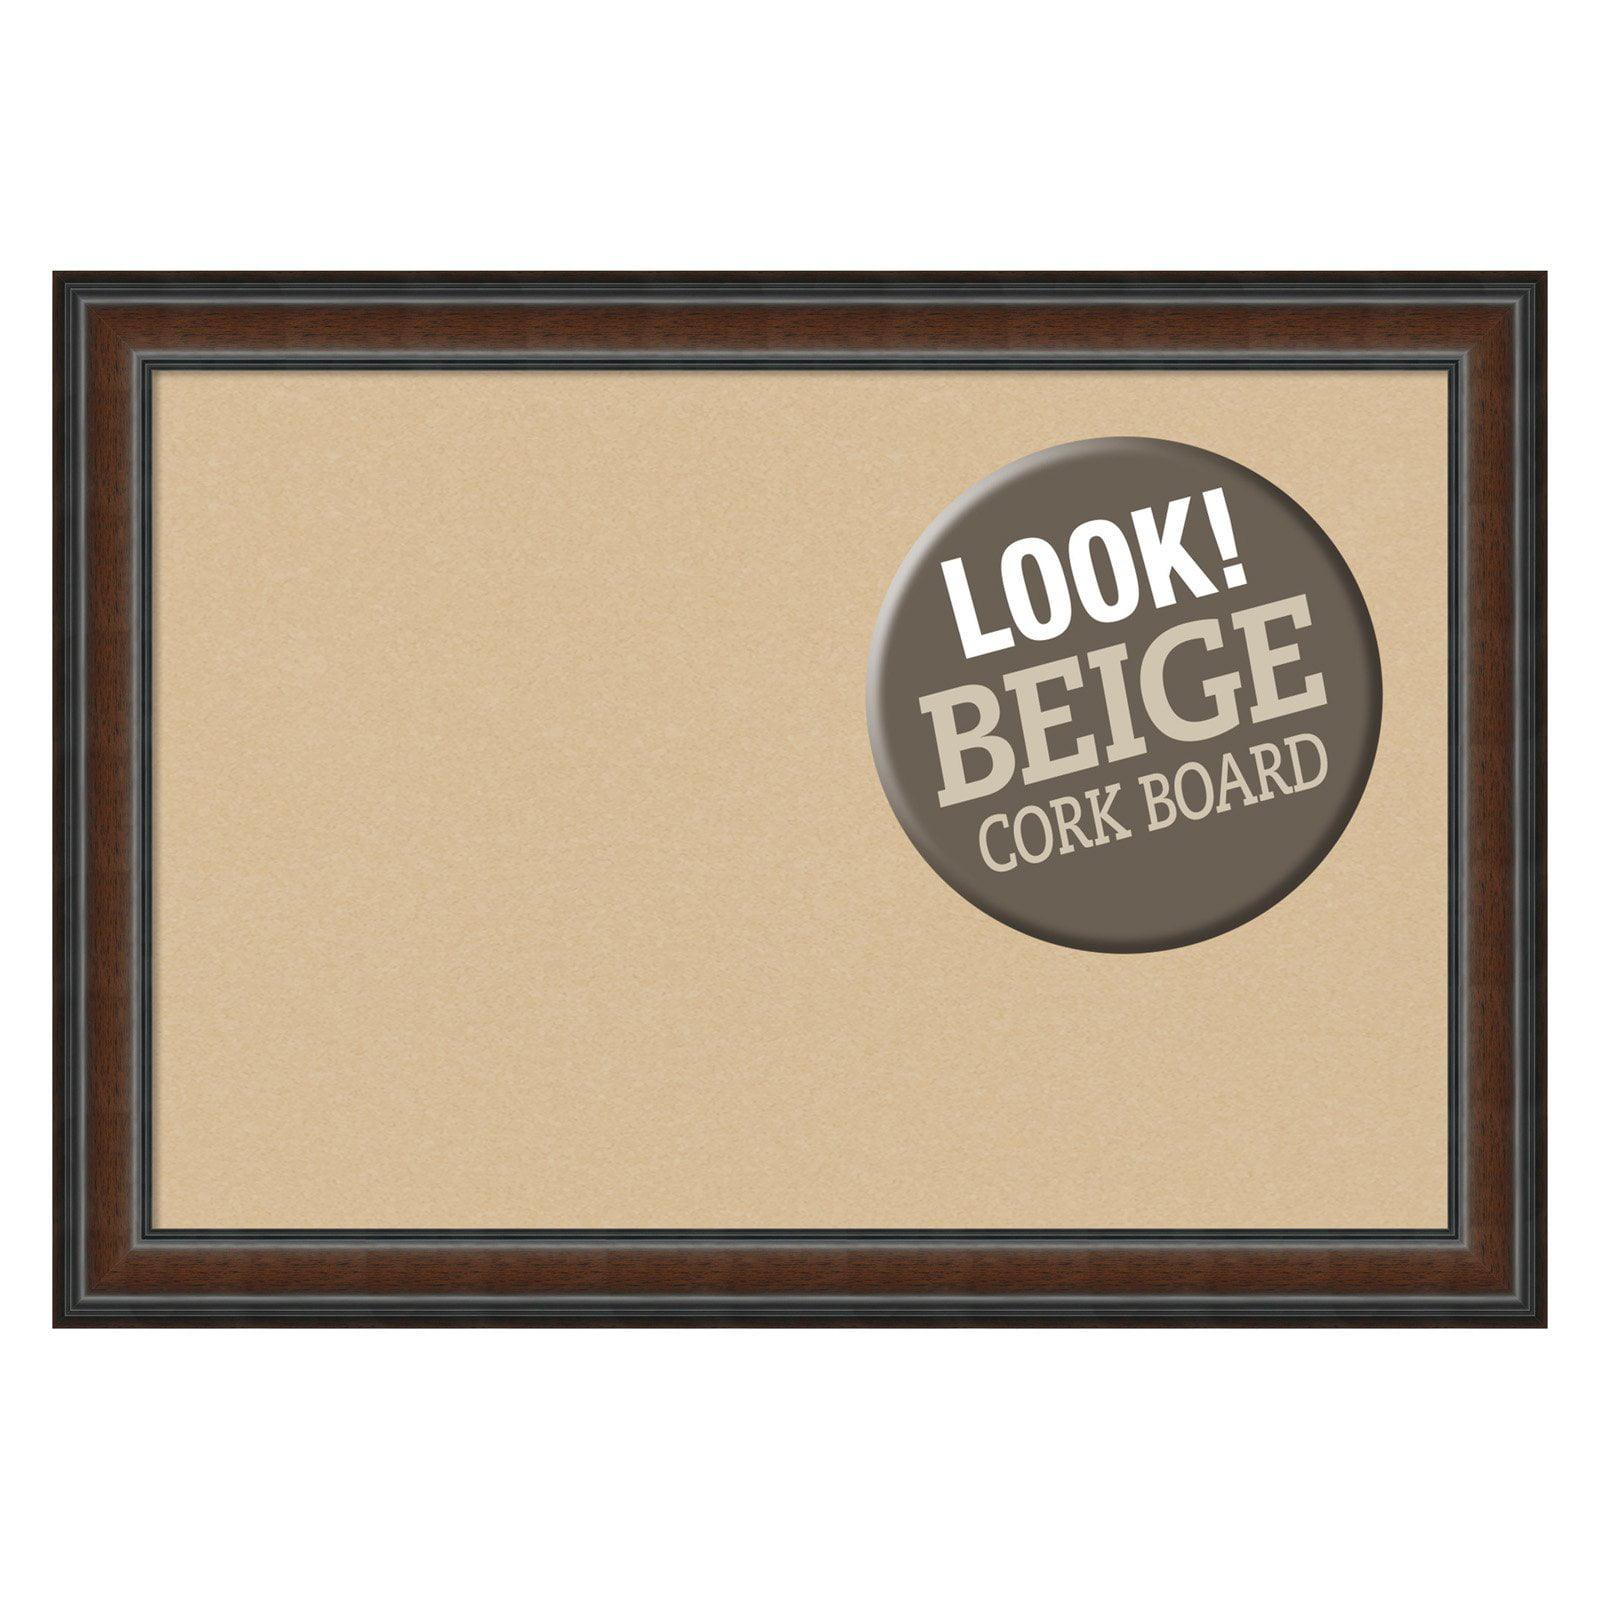 Amanti Art Cyprus Walnut Framed Cork Board